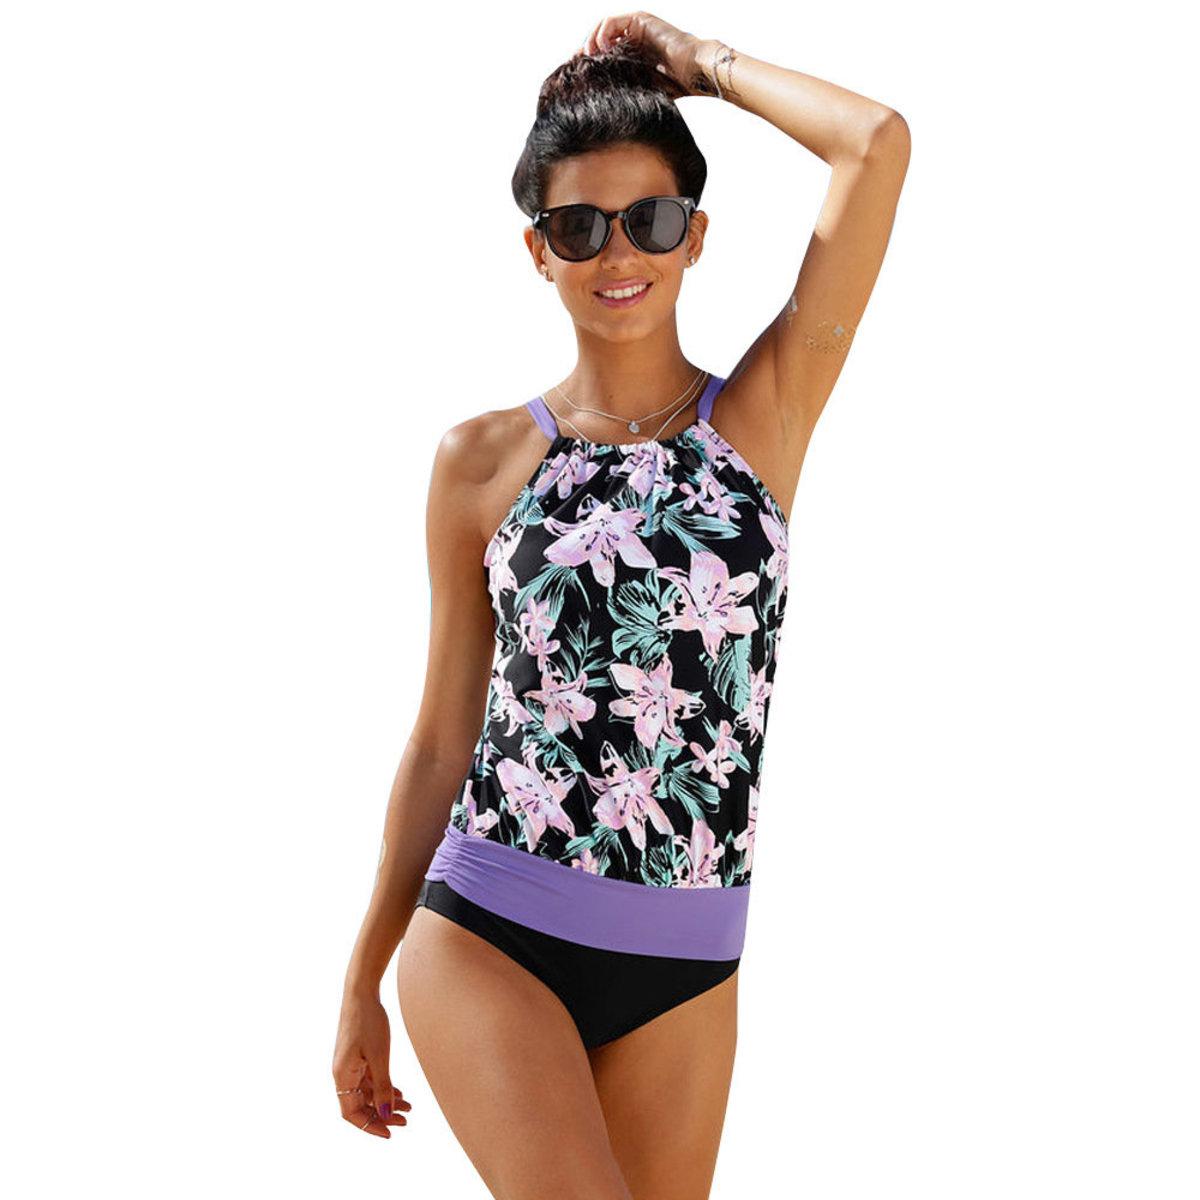 碎花紫色泳衣套裝 尺碼: L